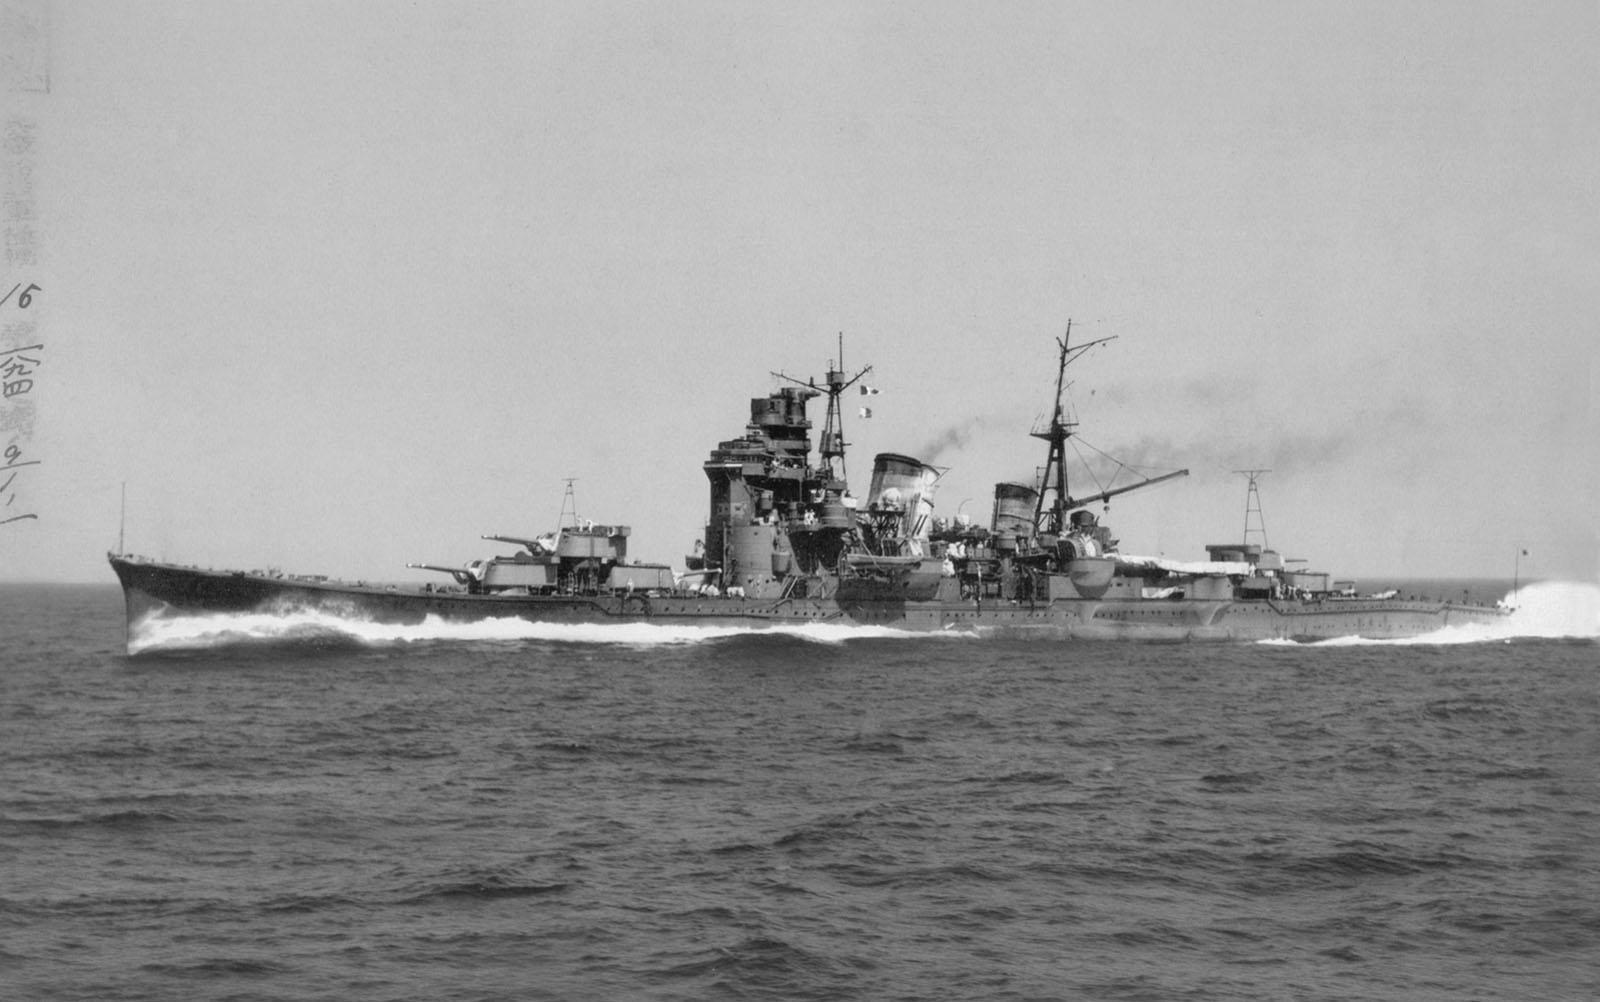 IJN Myoko post-reconstruction in sea trials, 1941